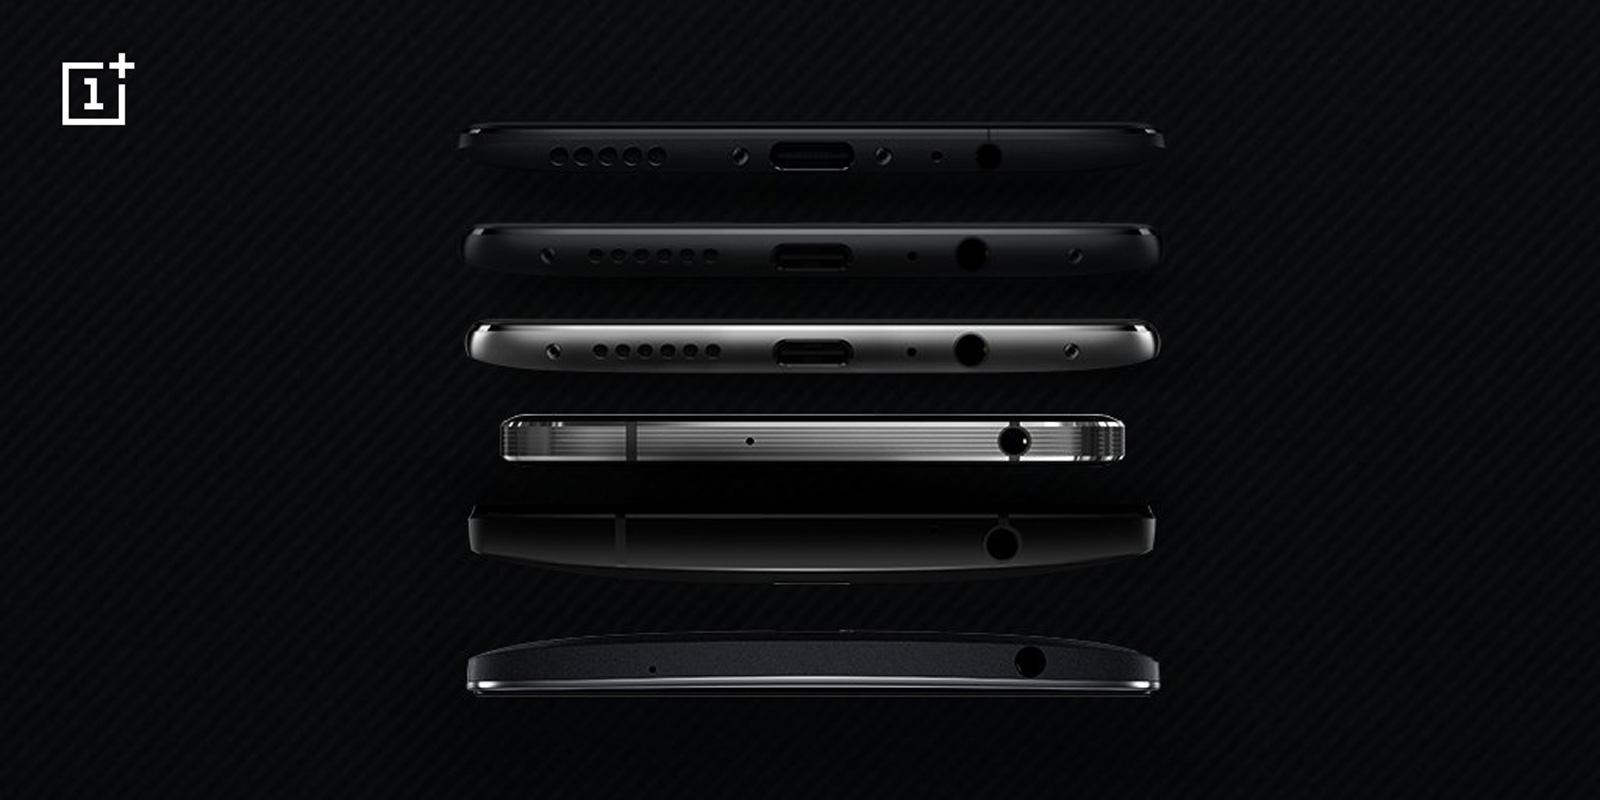 El OnePlus 5T seguirá apostando por el puerto de auriculares